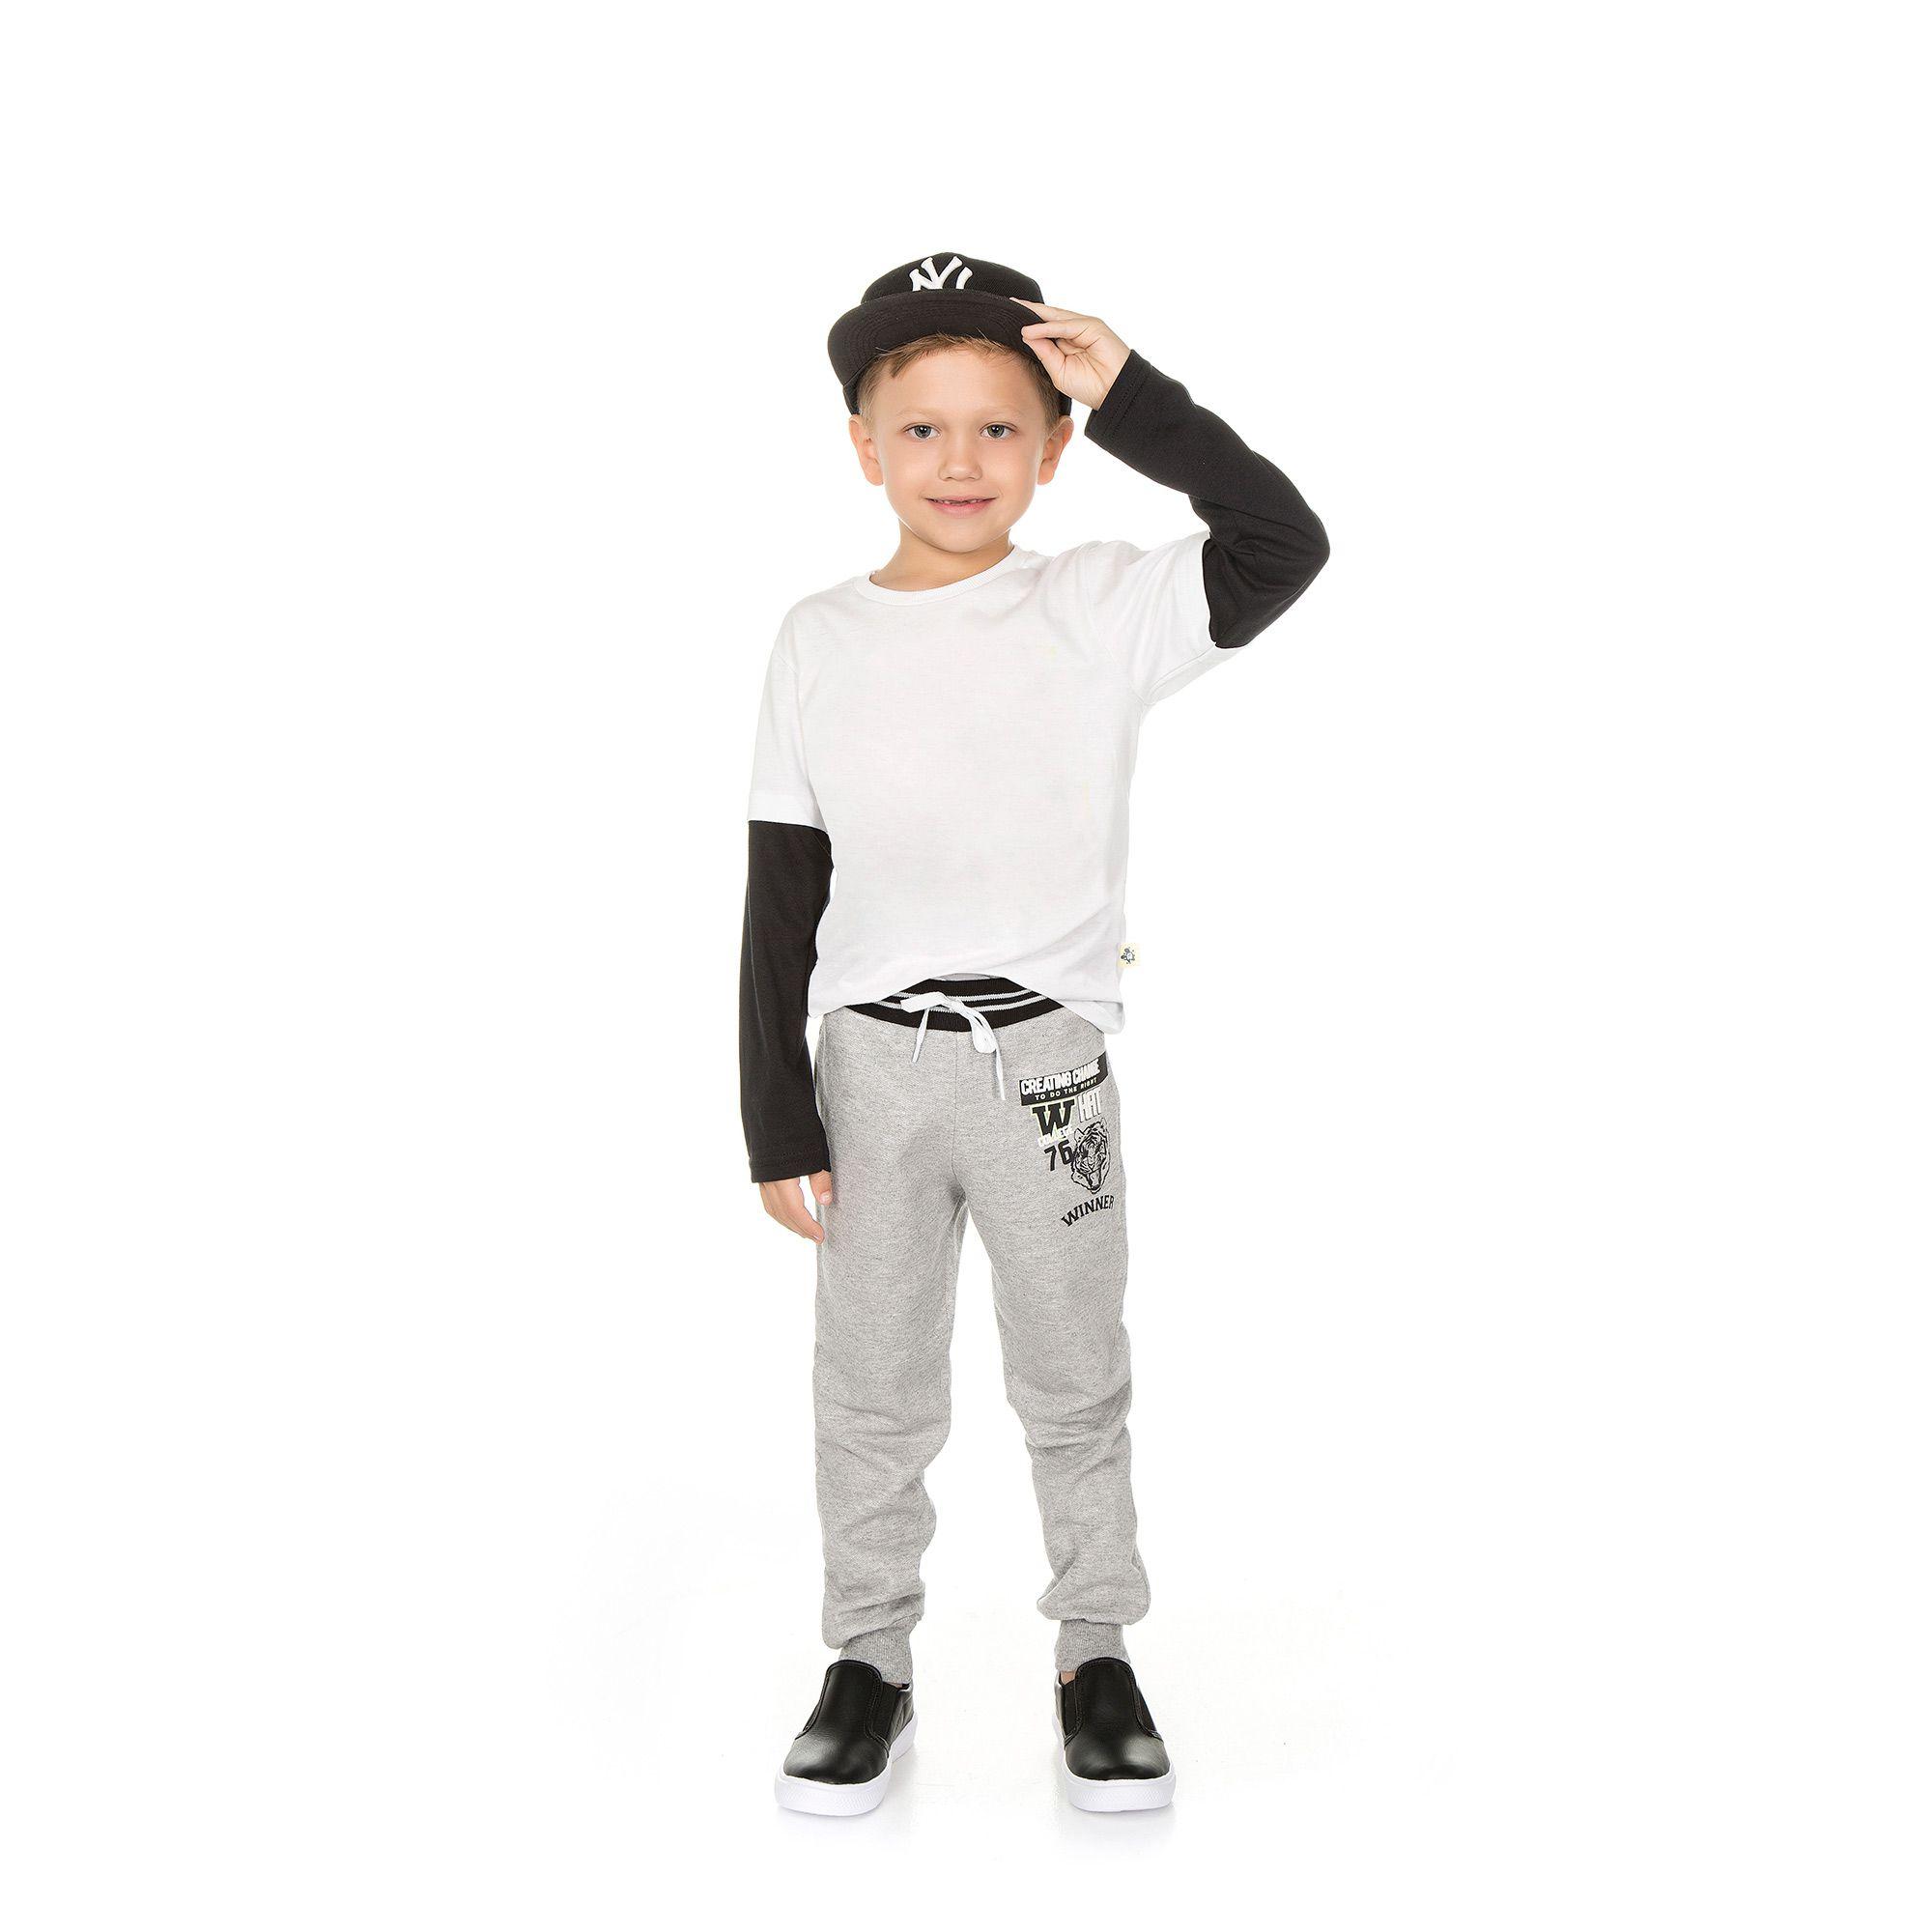 Calça Infantil Masculino  - Ref 5029 - Mescla